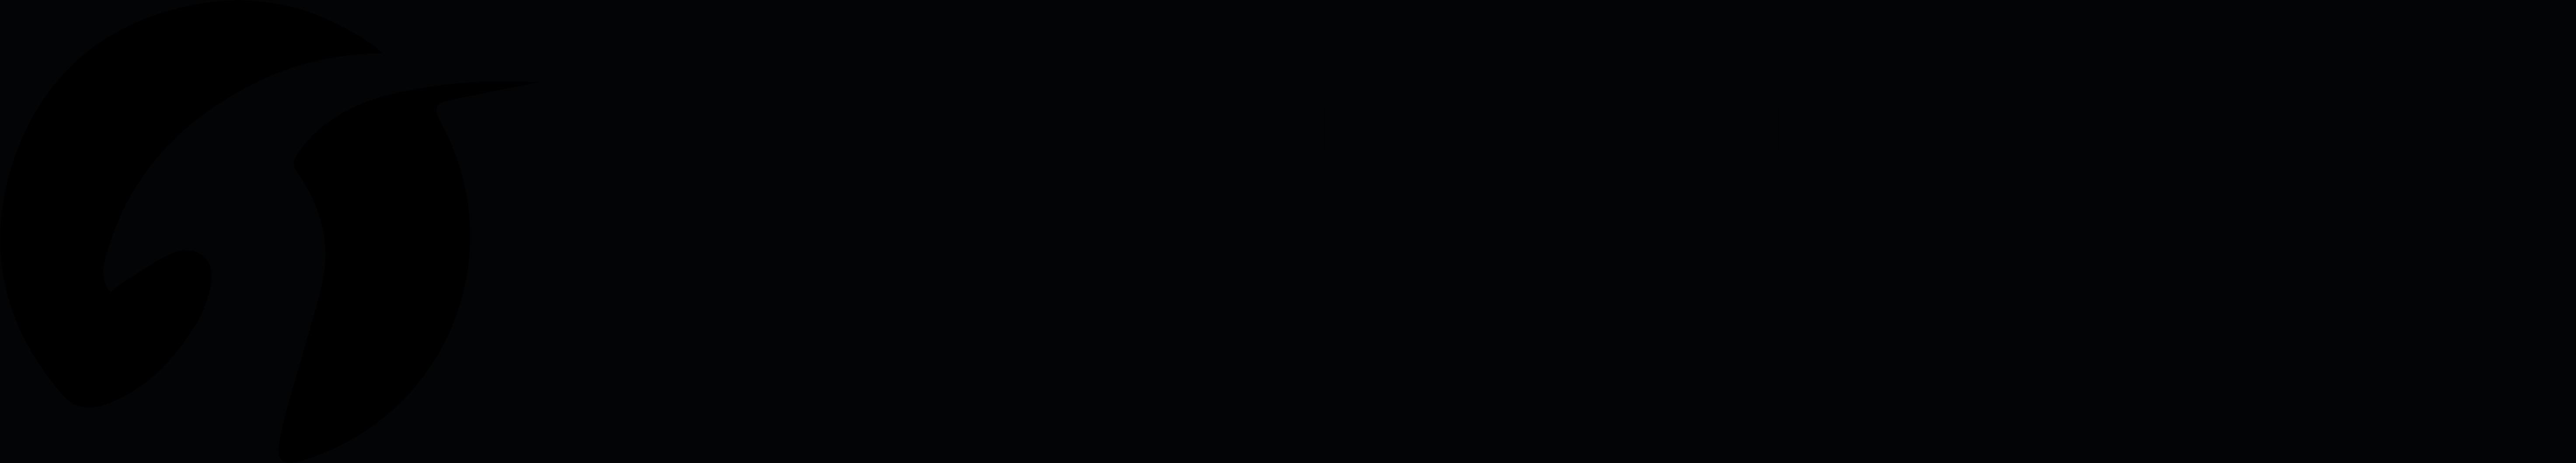 Logo, hårdt beskåret, gennemsigtig